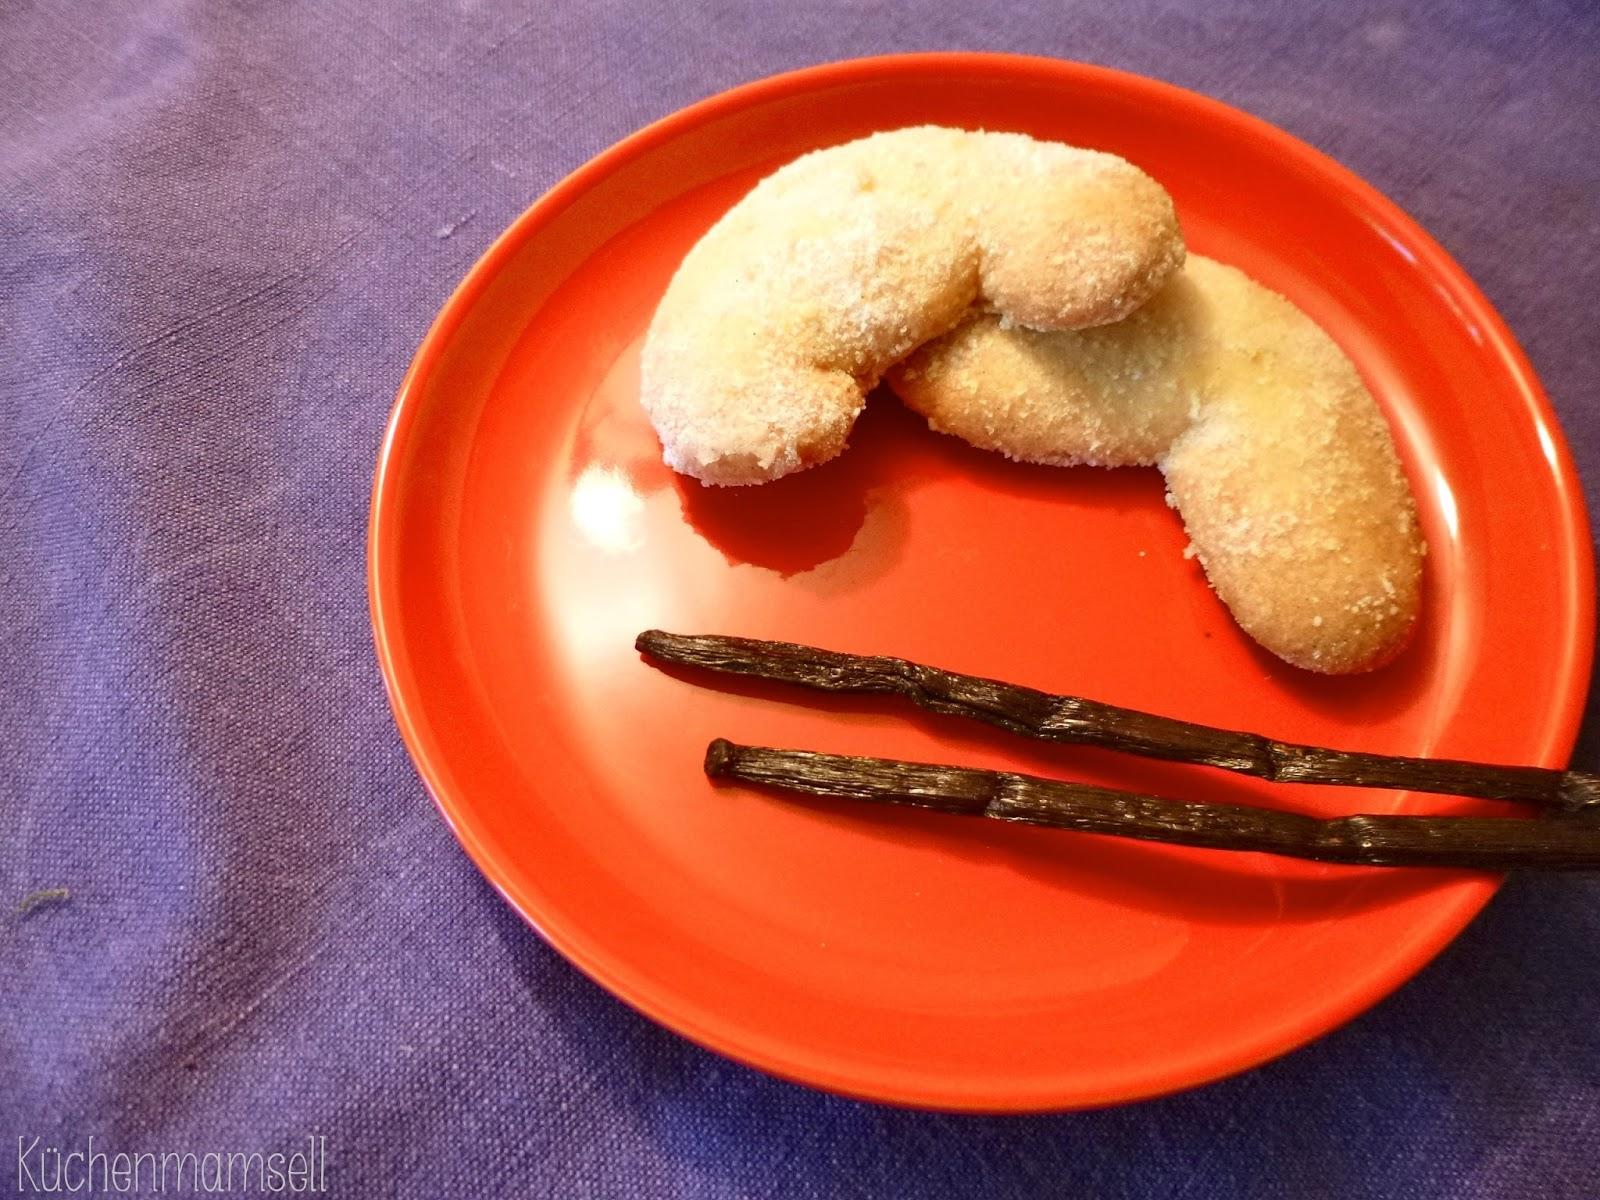 Küchenmamsell Vanillekipferl  süß am Sonntag